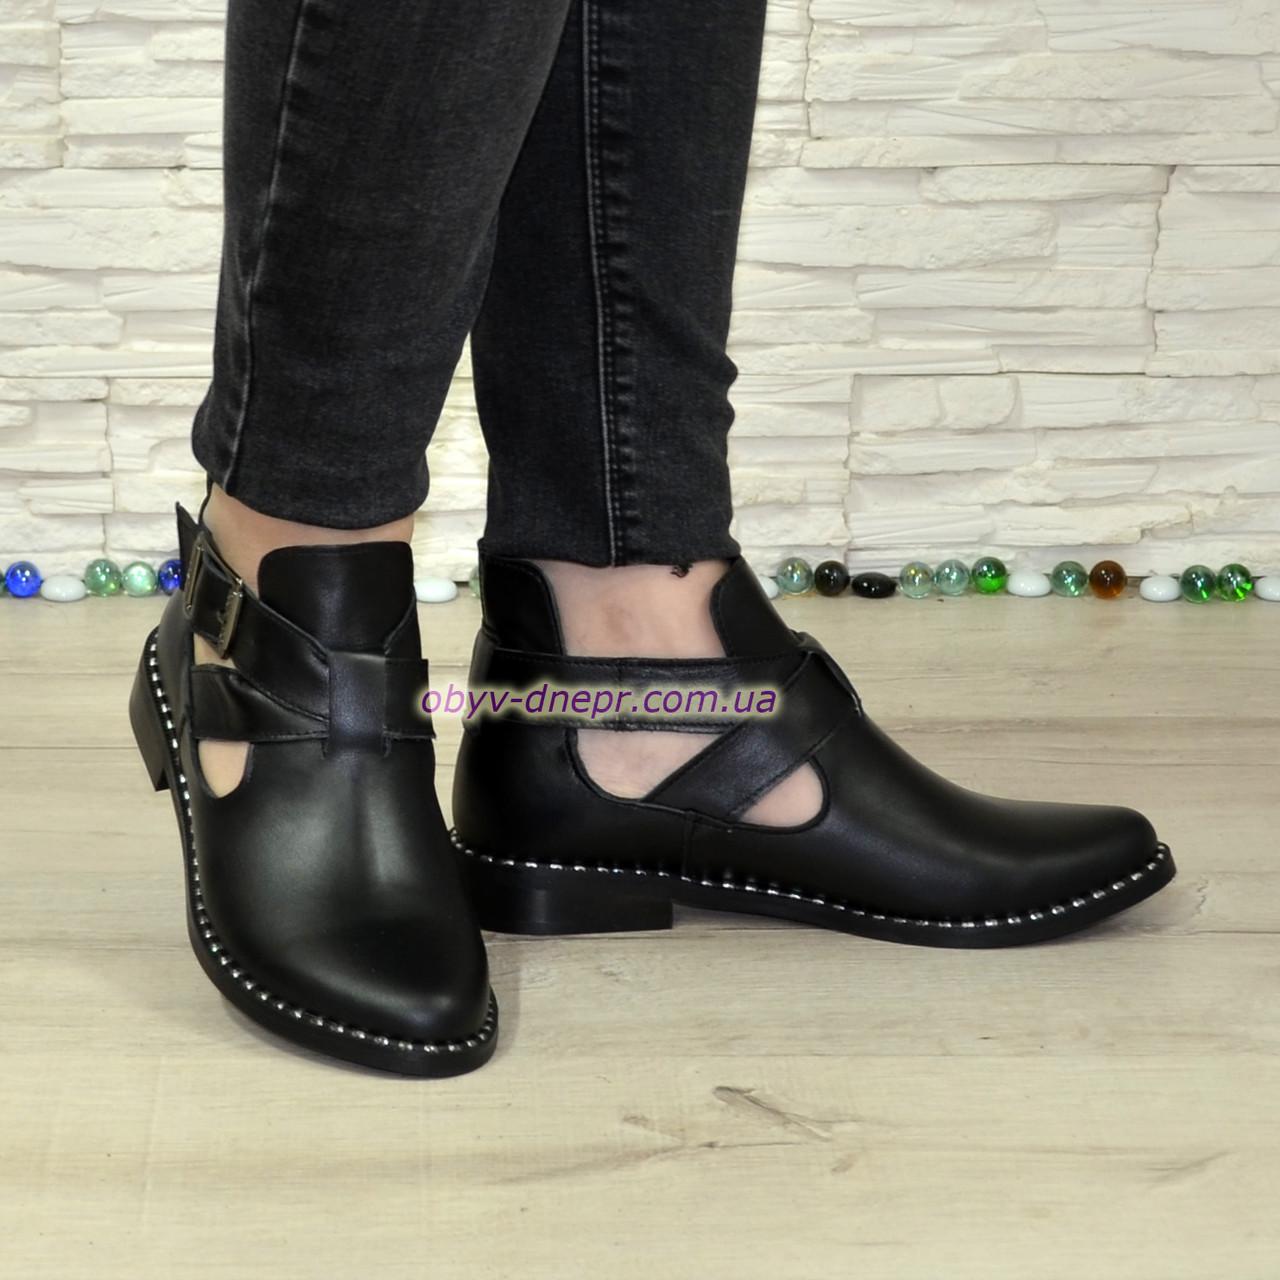 Туфли кожаные на низком ходу, декорированы ремешком